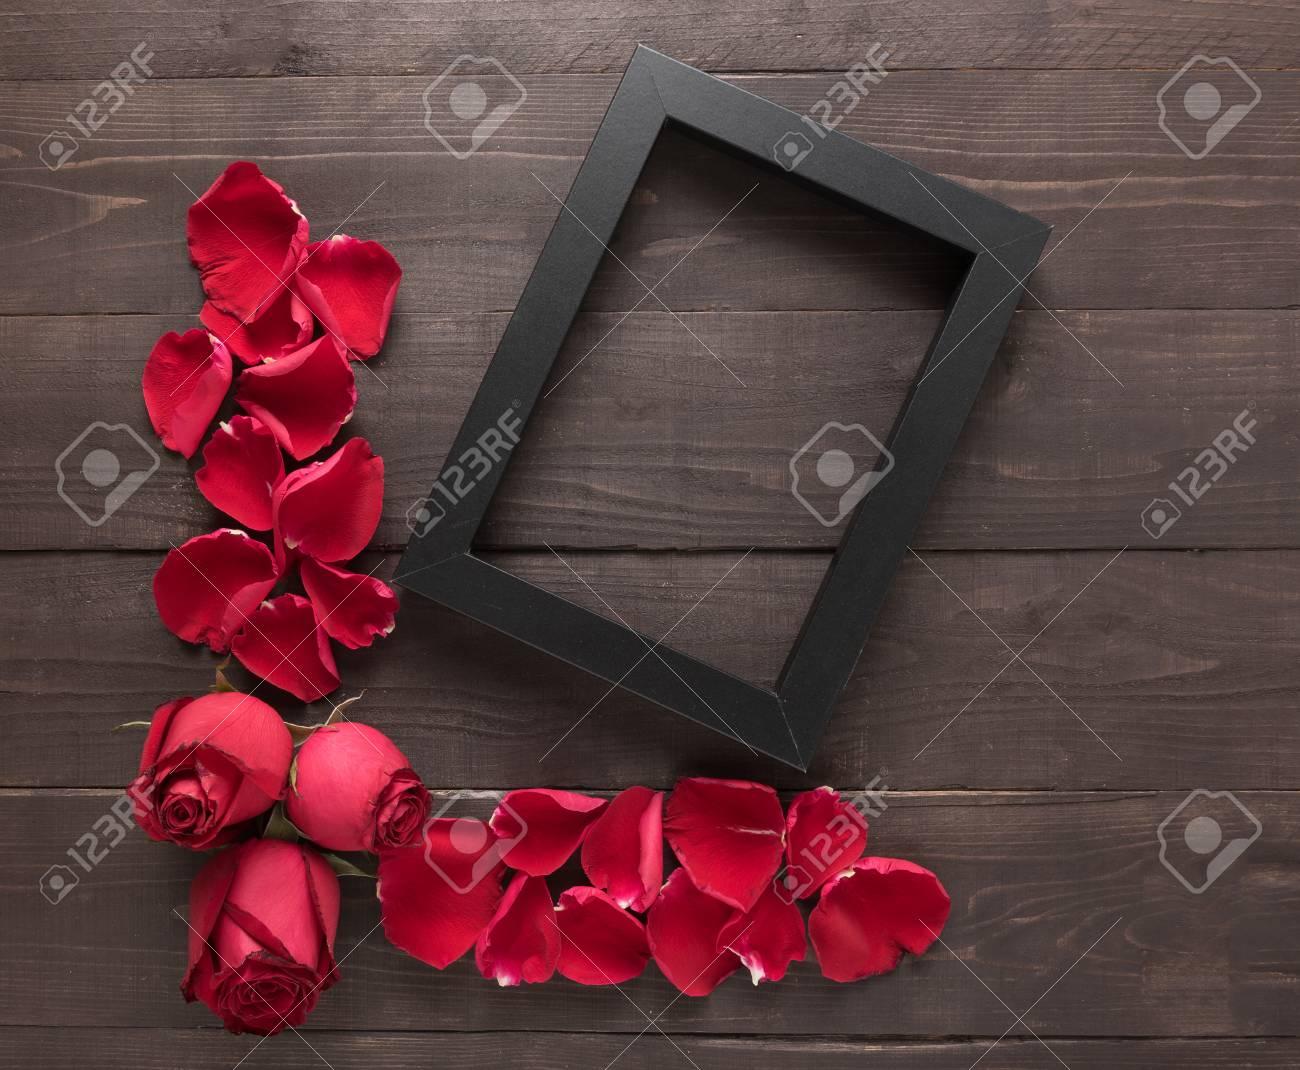 Rote Rosen Blumen Und Ein Rahmenbild Sind Auf Dem Hölzernen ...